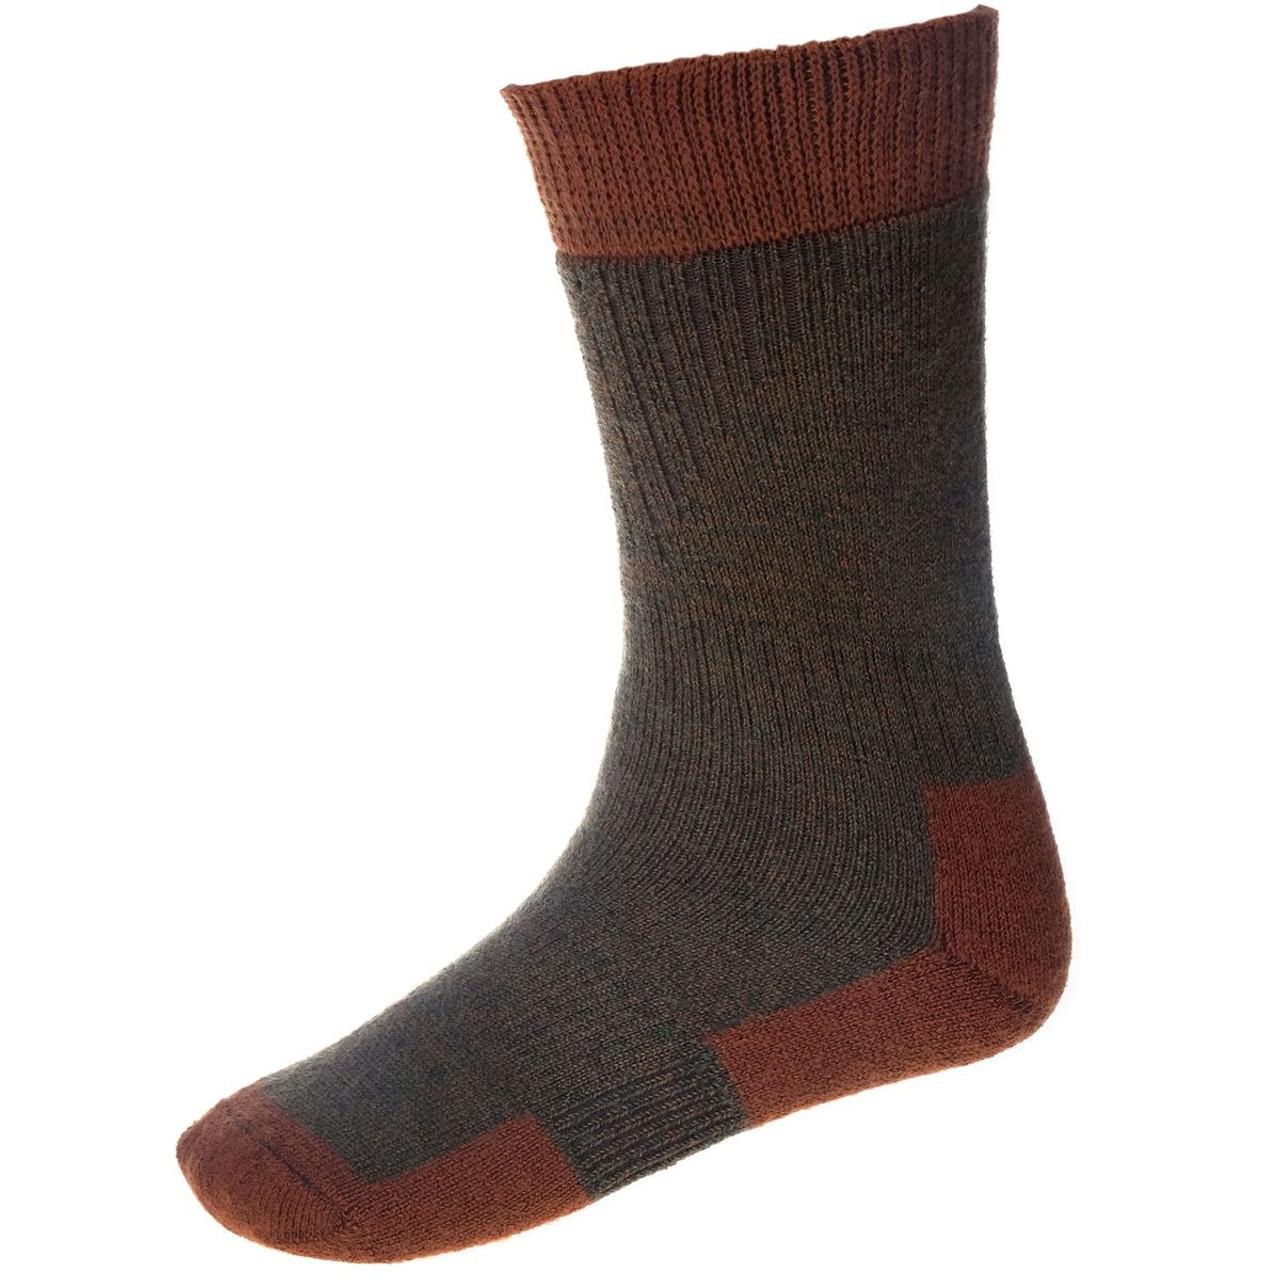 Bracken - House Of Cheviot Glen Boot Socks